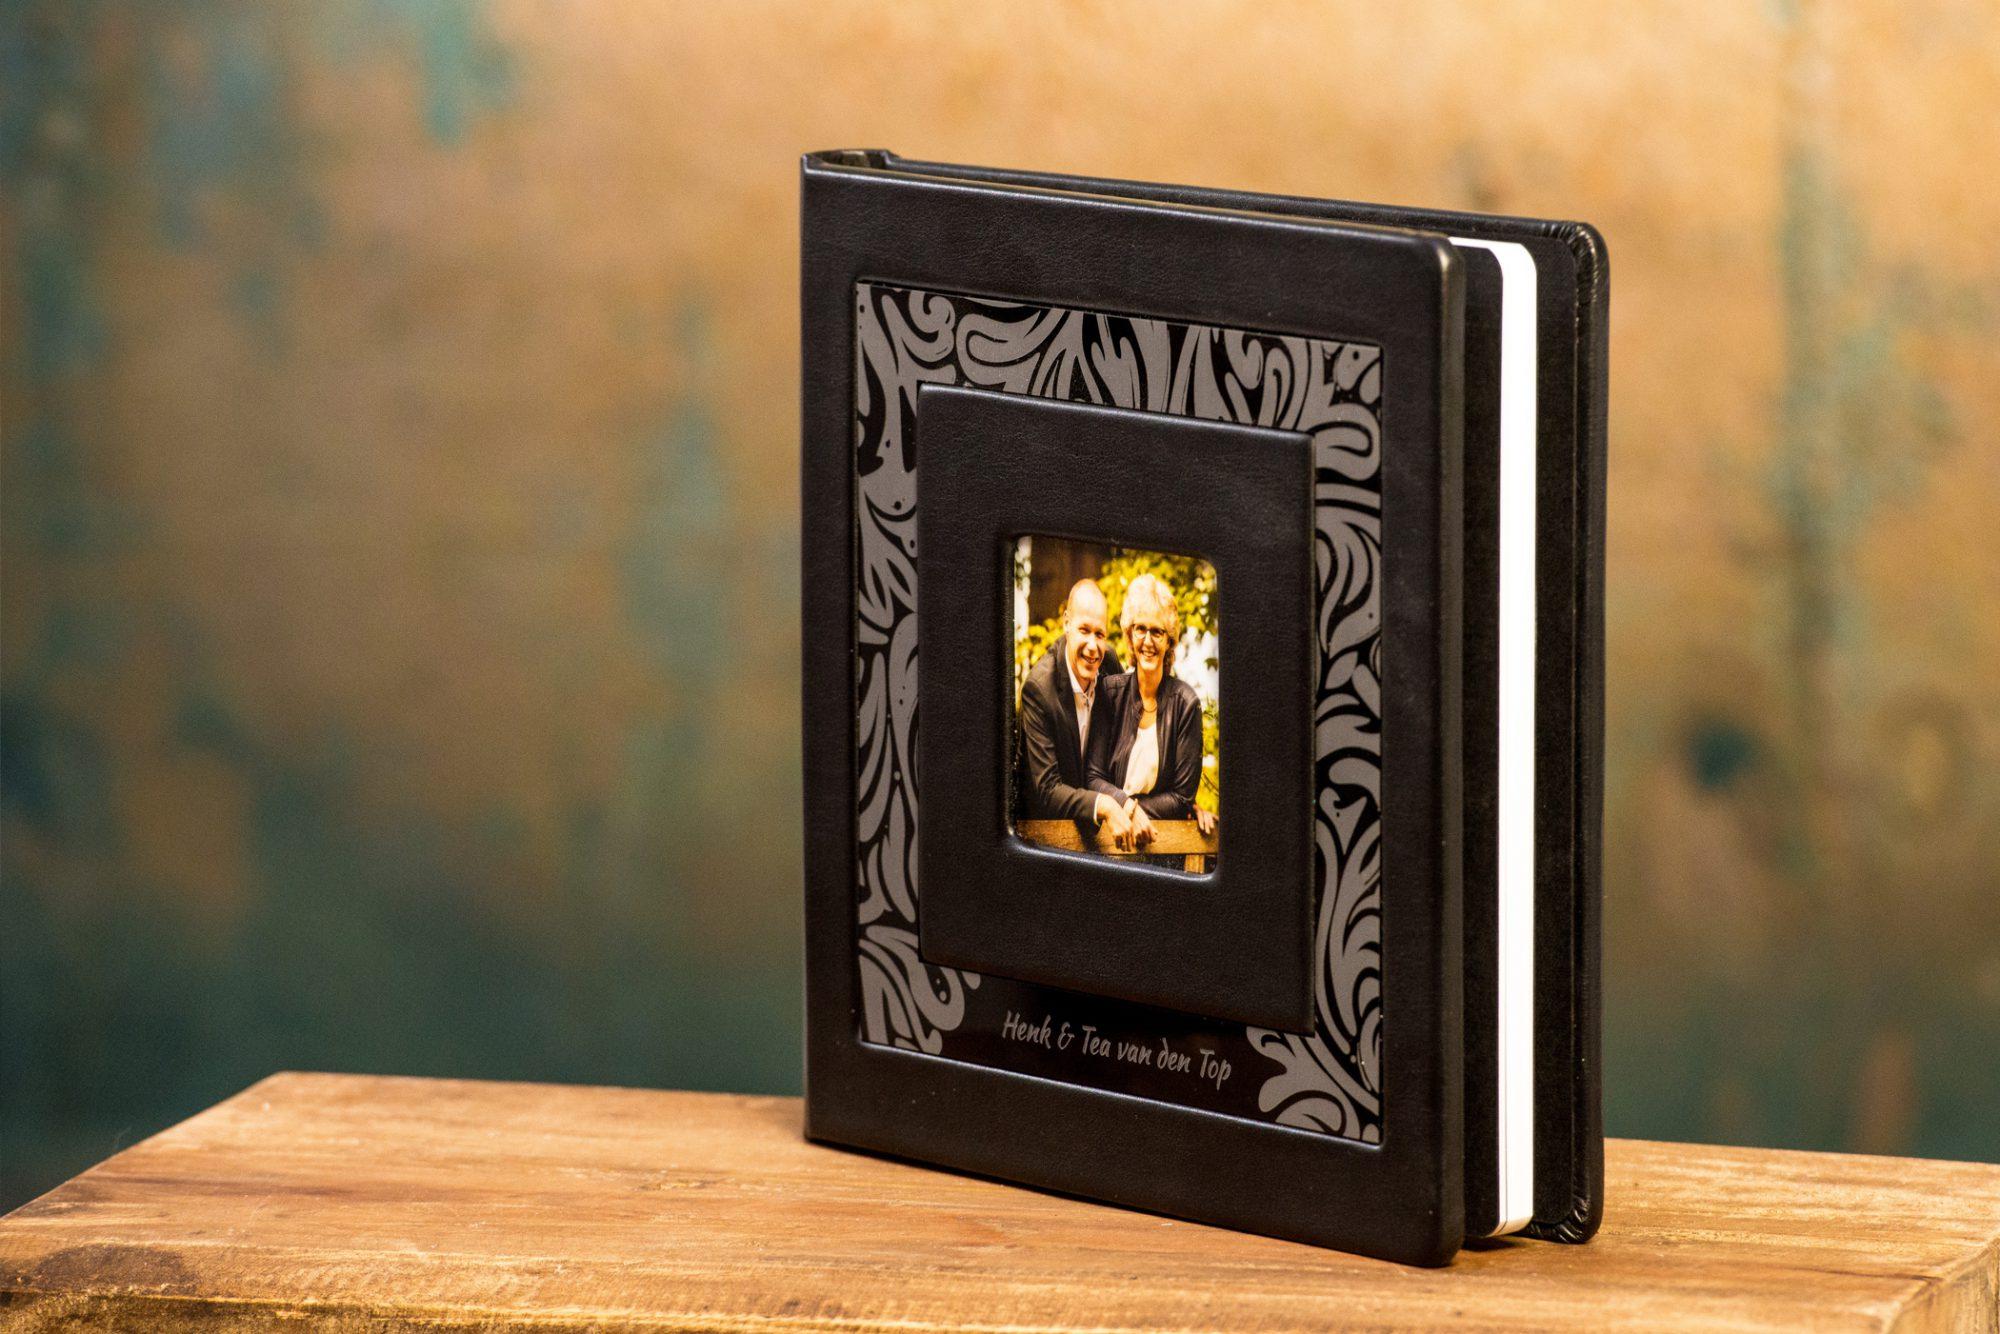 Fotoboekje 20x20 cm, kwaliteit, portretfotografie, groepsfoto, fotograaf, Wouter van Middendorp, omgeving Uddel, Elspeet, Garderen, Putten, Ermelo, Nieuw-Milligen, Vierhouten, Nunspeet, trouwfotografie, bruidsfotografie, Veluwe, Barneveld, Kesteren, Achterberg, professionele fotograaf